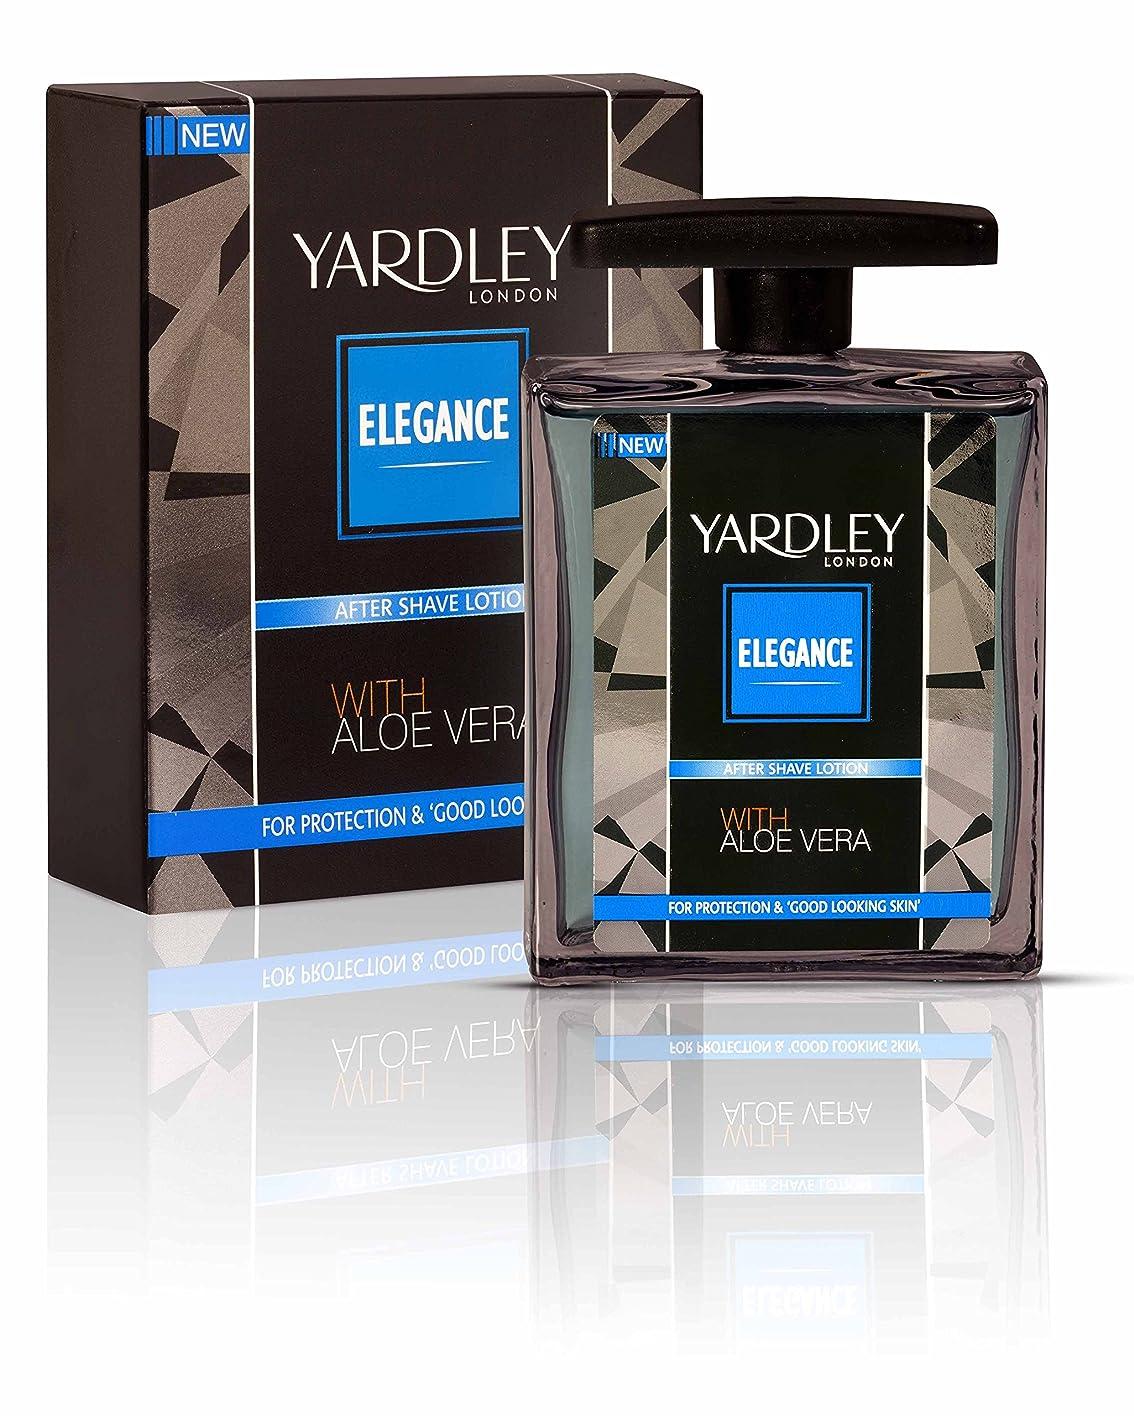 バッフル告発者アジャYardley London Elegance After Shave Lotion With Aloe Vera 50ml